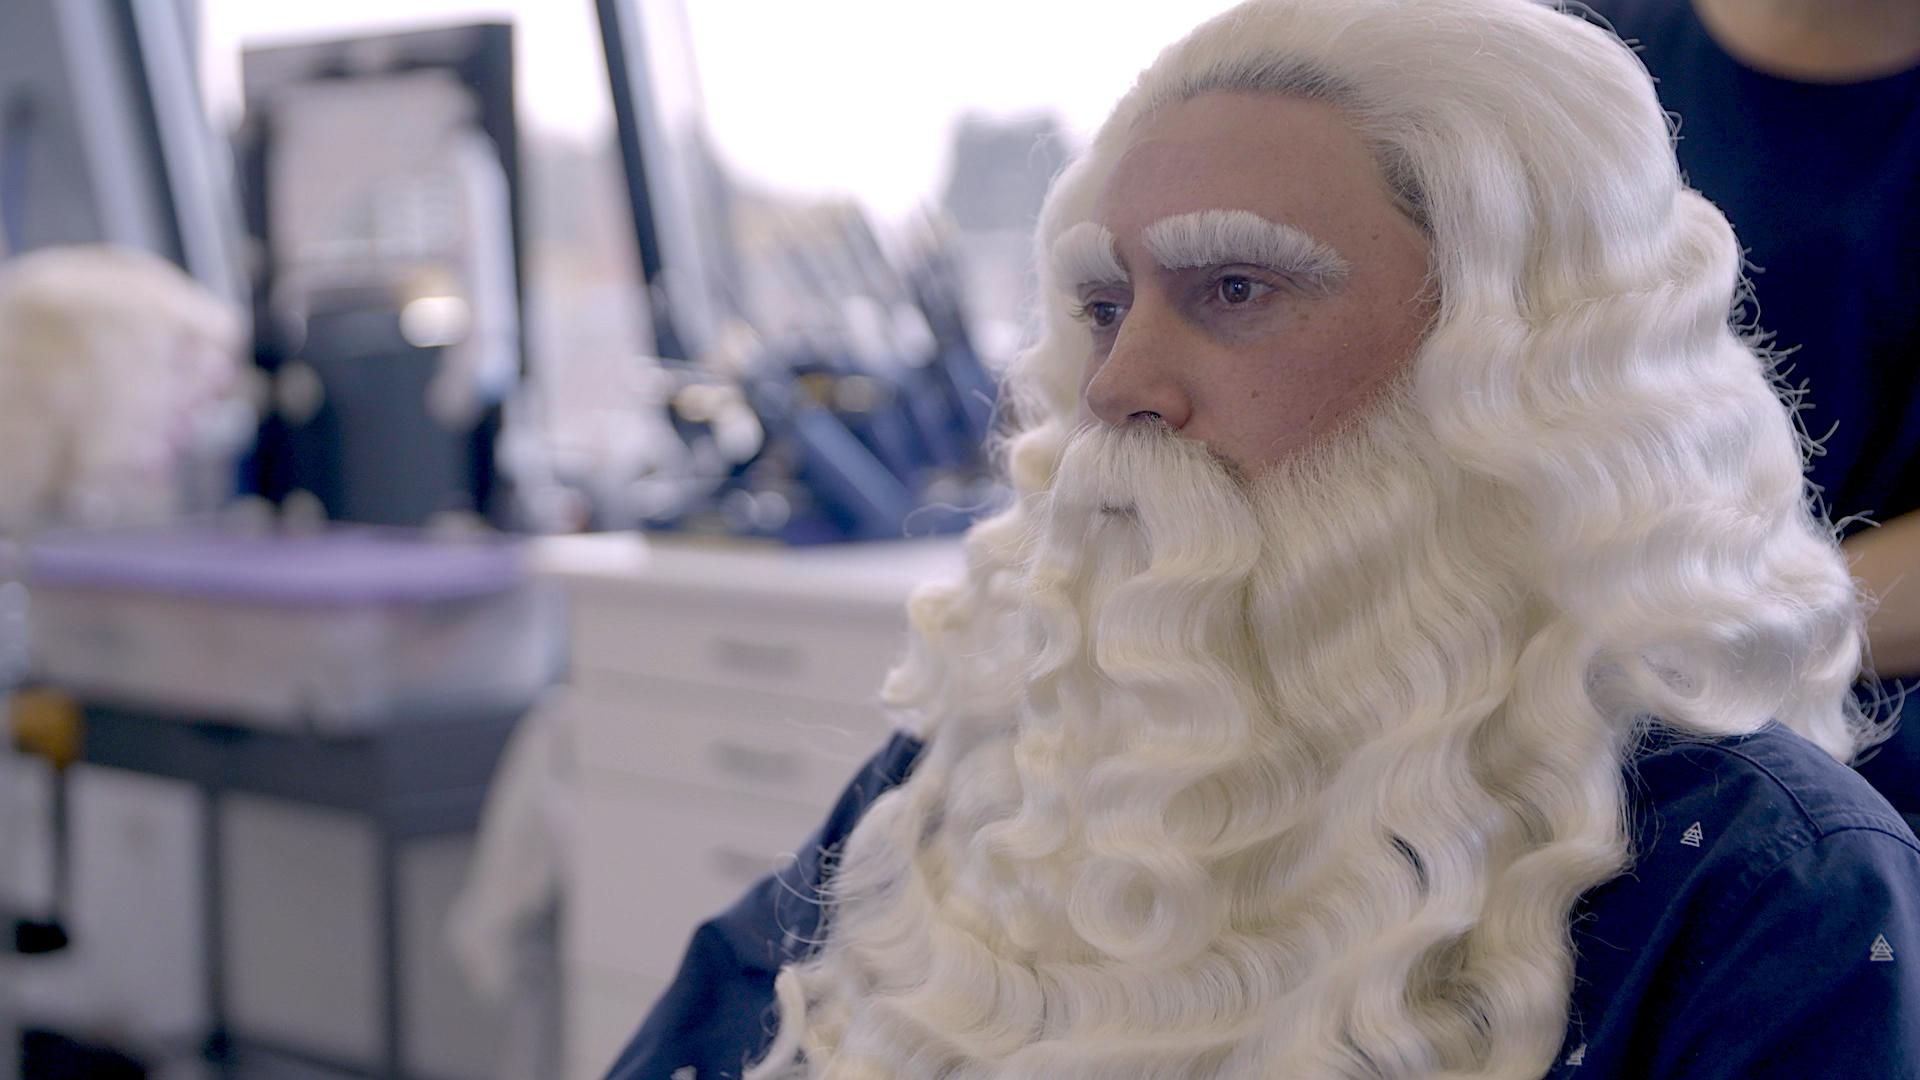 Donderdag in Keuringsdienst van waarde: de baard van Sinterklaas